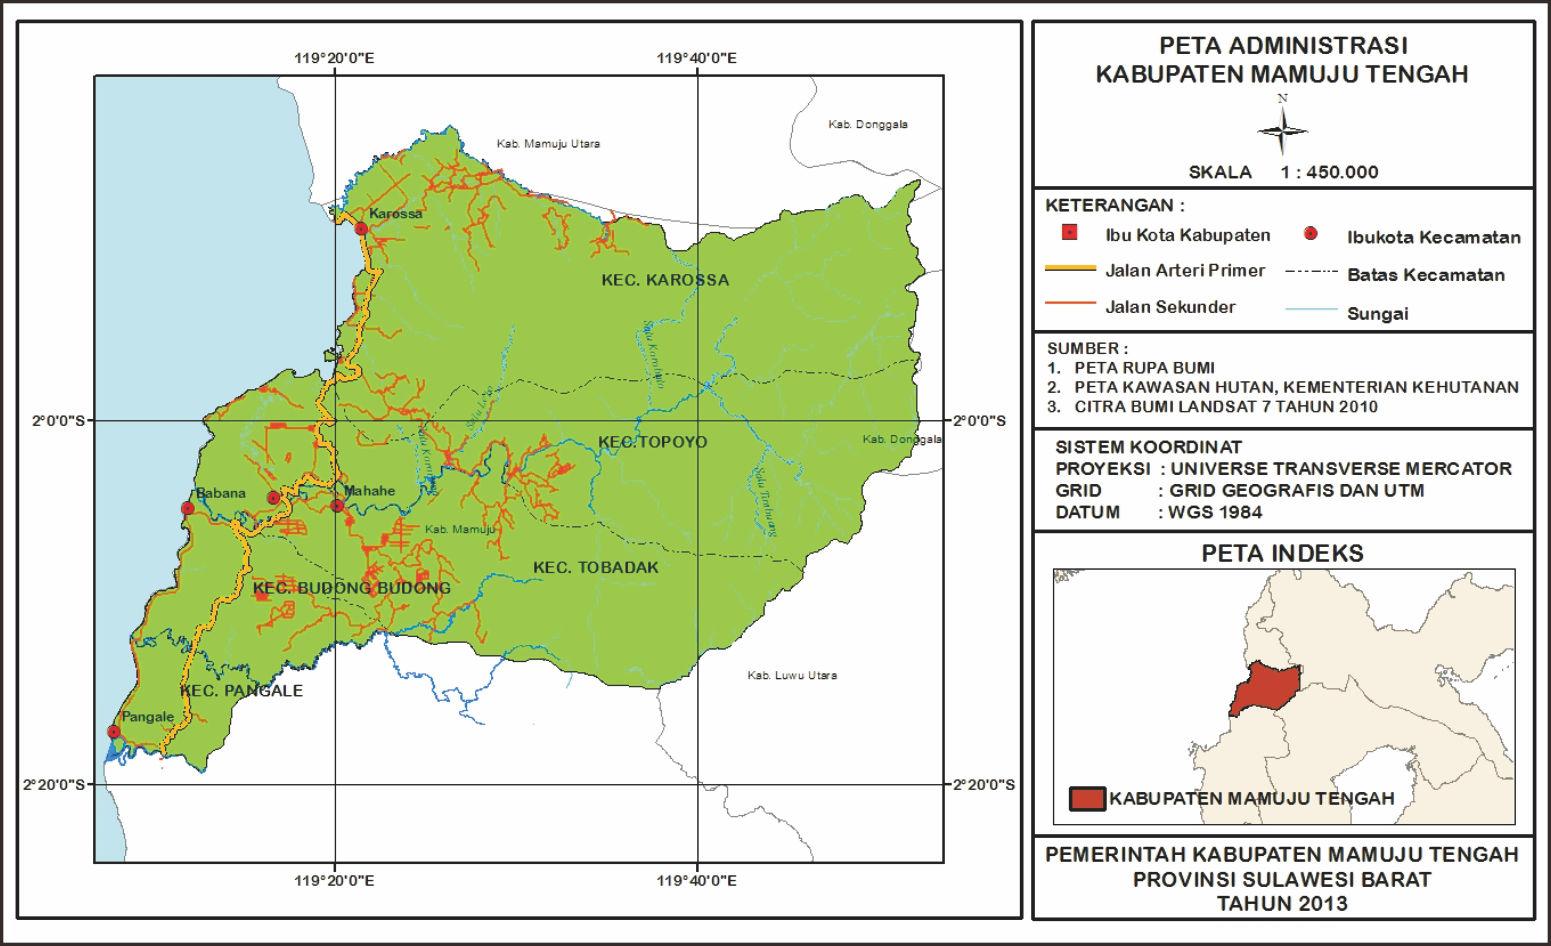 Peta Kabupaten Mamuju Tengah